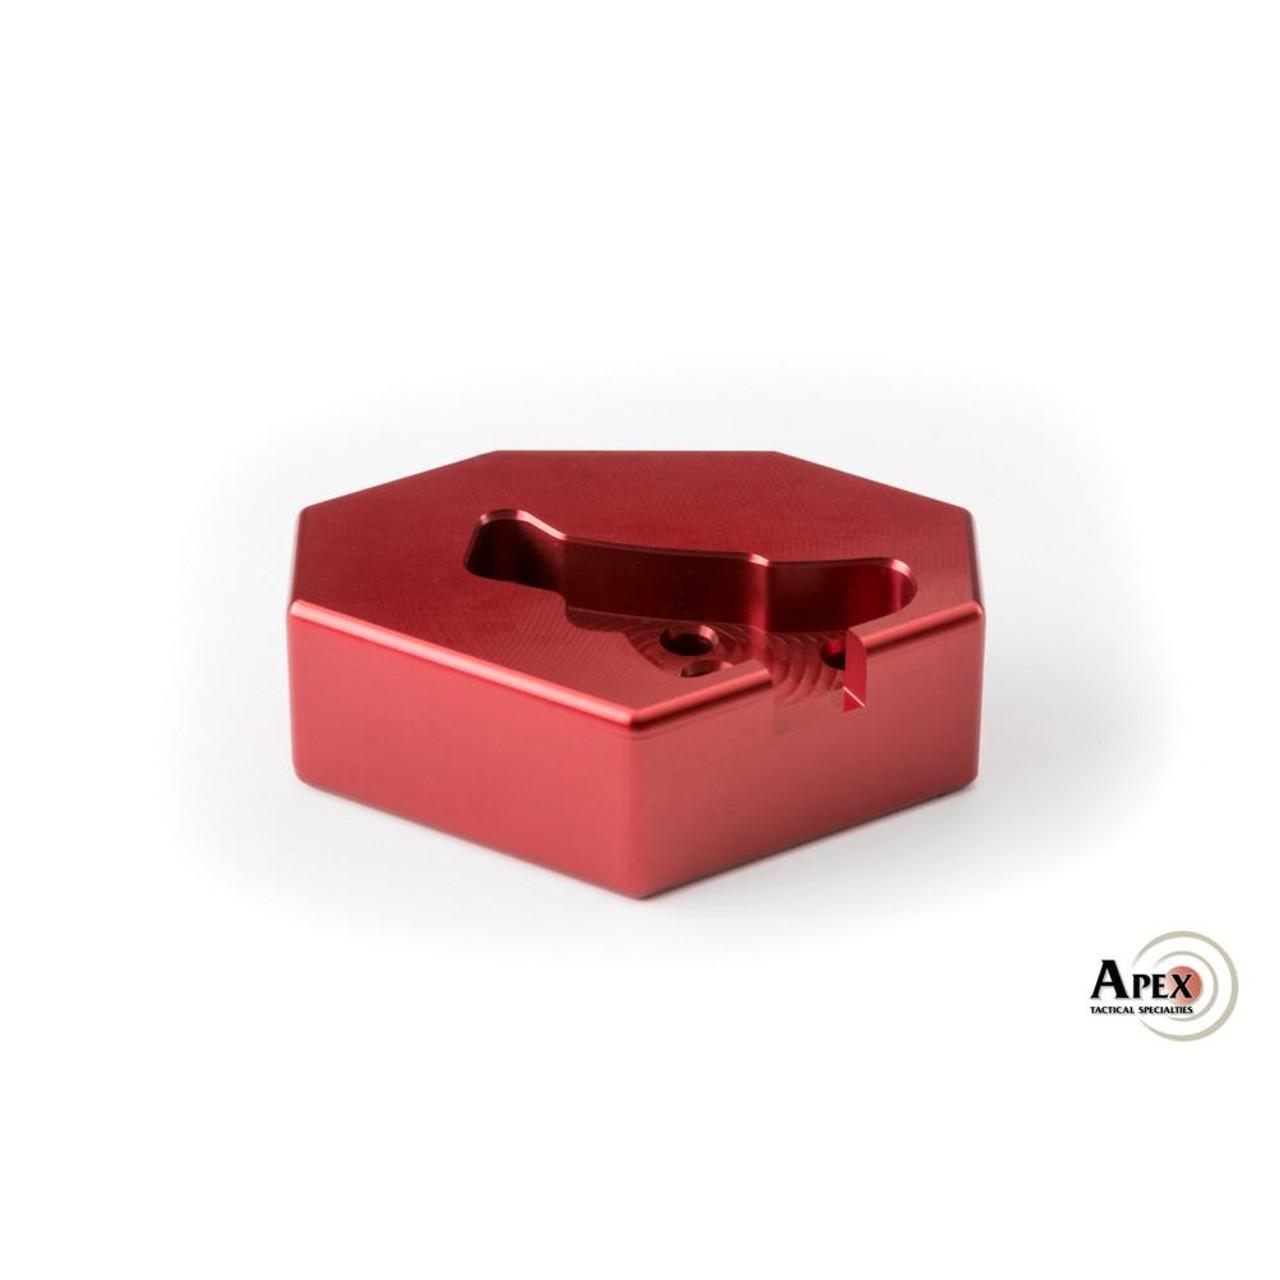 Apex Tactical Glock Trigger Block